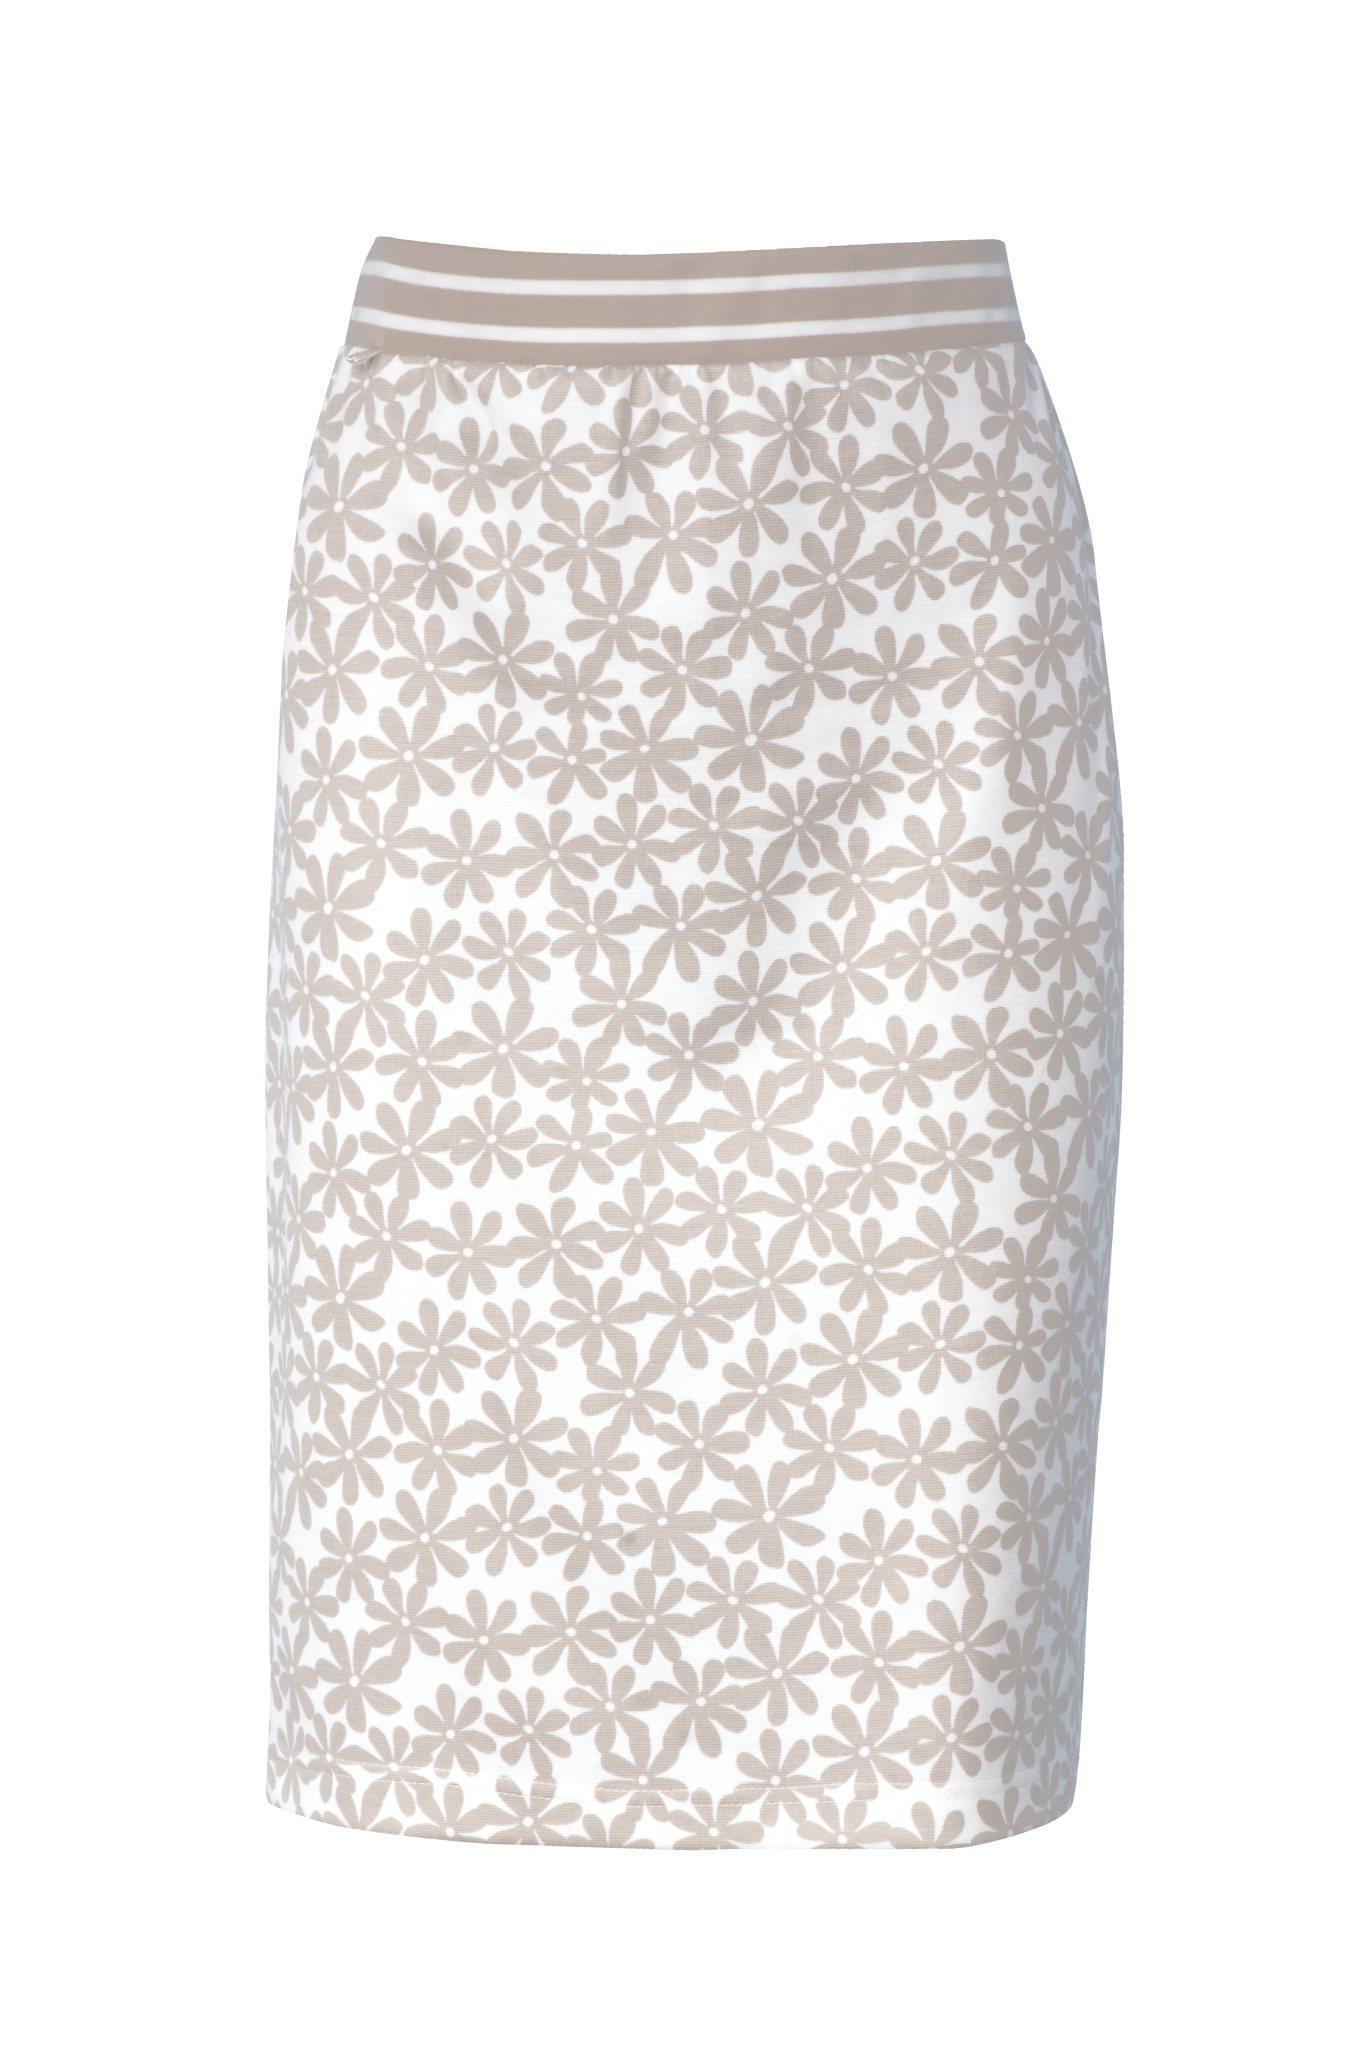 1044 Jumitex bezowa spodnica w kwiatki na gumie